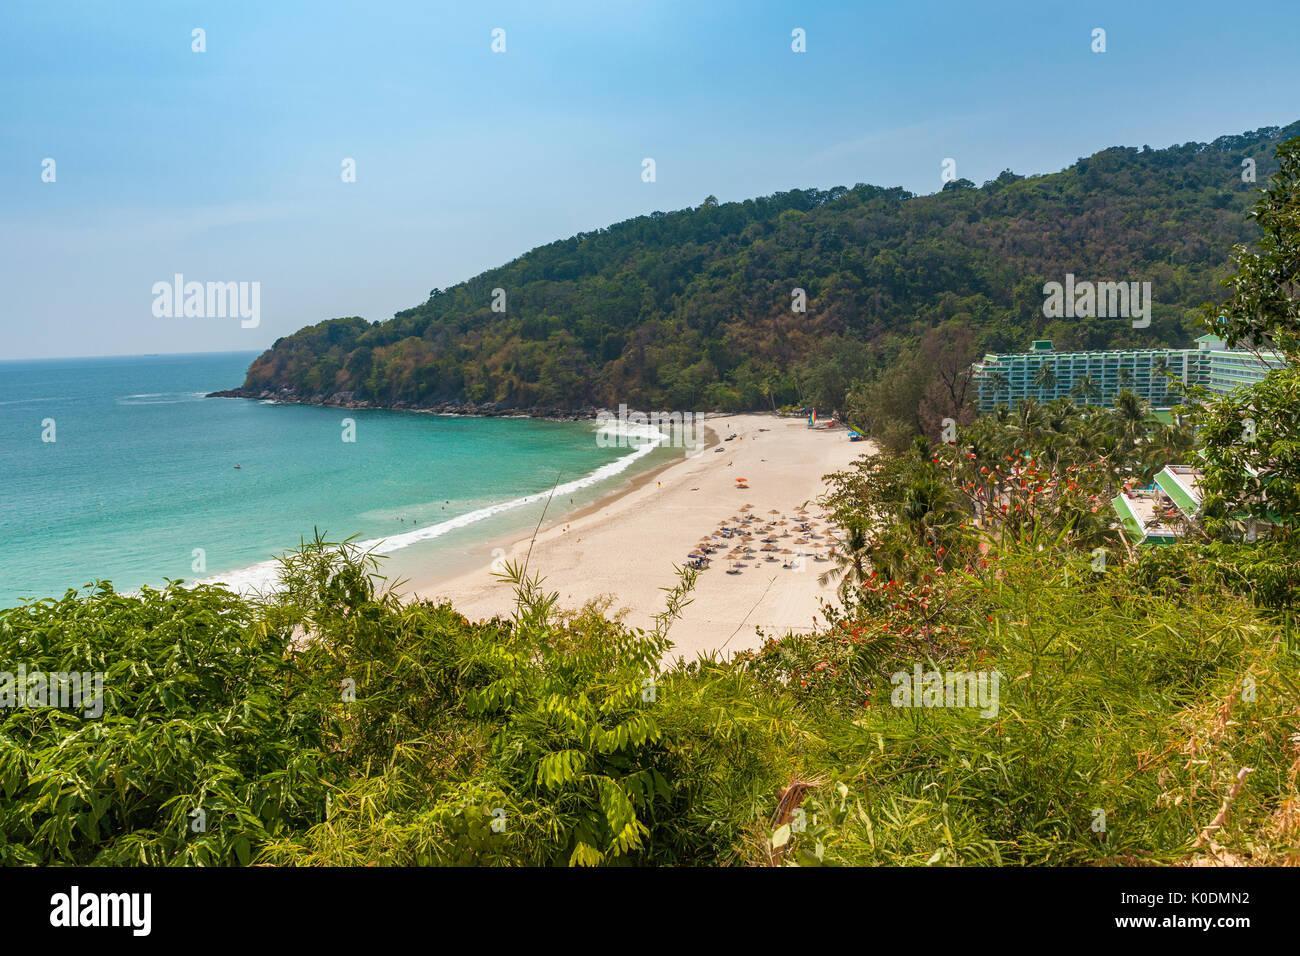 Daytime view of the Karon Noi Beach, Phuket, Thailand. - Stock Image